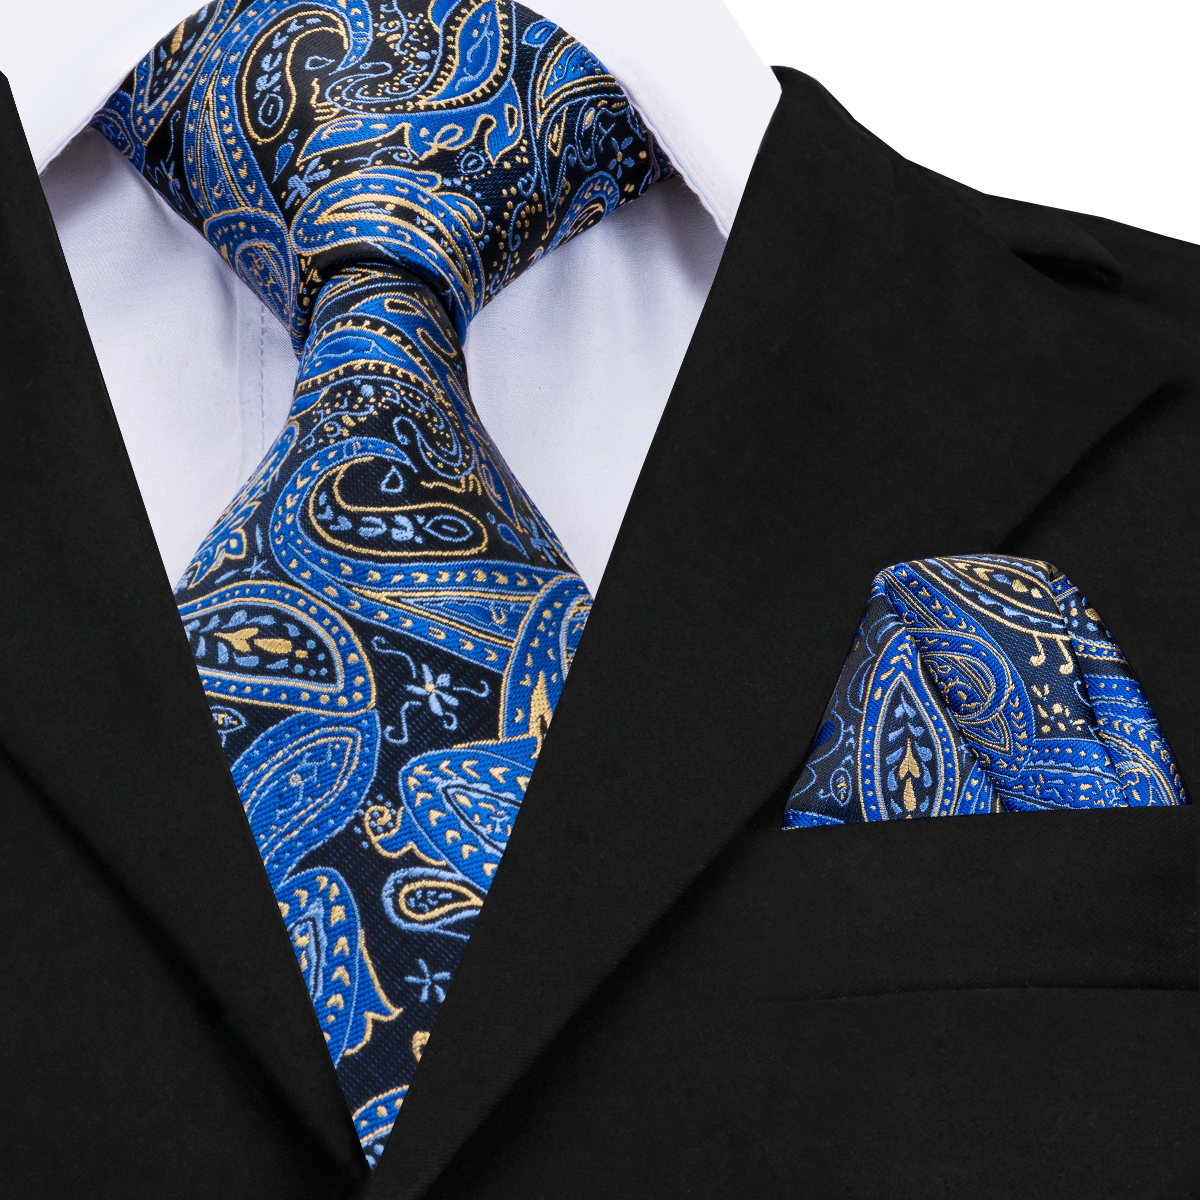 Hallo-Krawatte Herren Krawatten 2018 Luxus Paisley Blau Seide Krawatte mit Taschentuch Krawatte Set ohne Manschettenknöpfe Buisness jacquard Woven hals Binden CZ-008